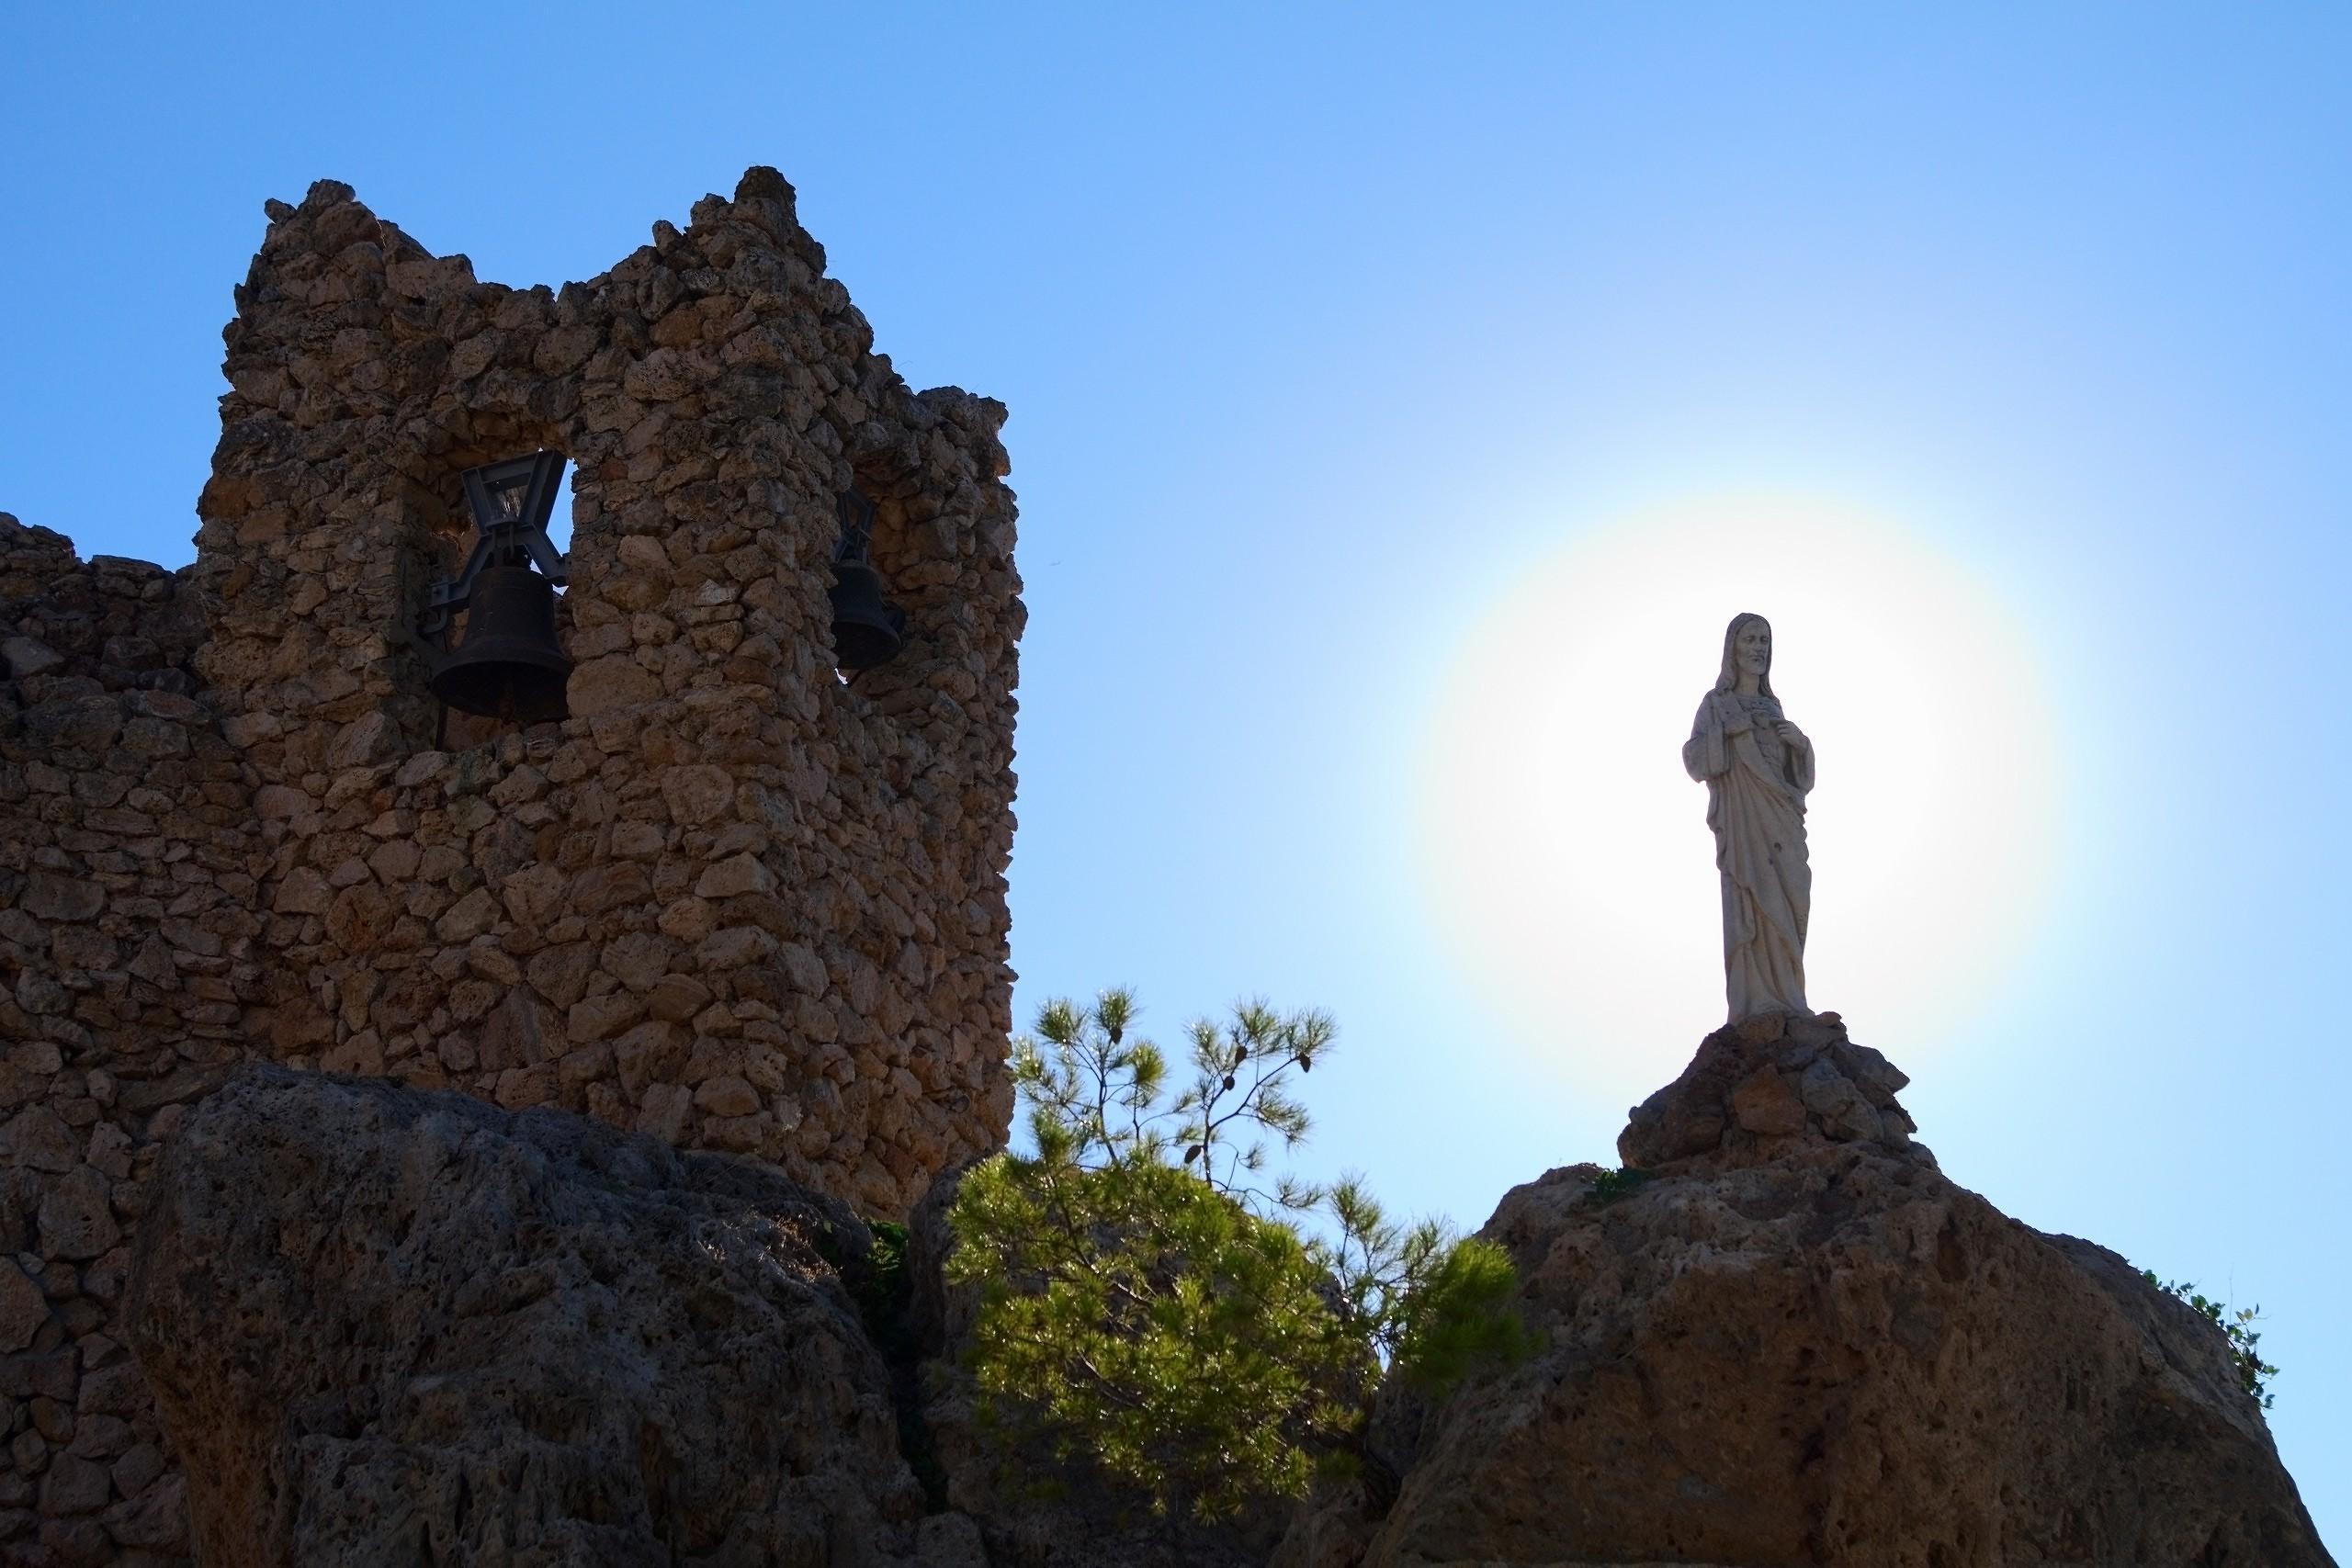 Virgin and Belfry gable